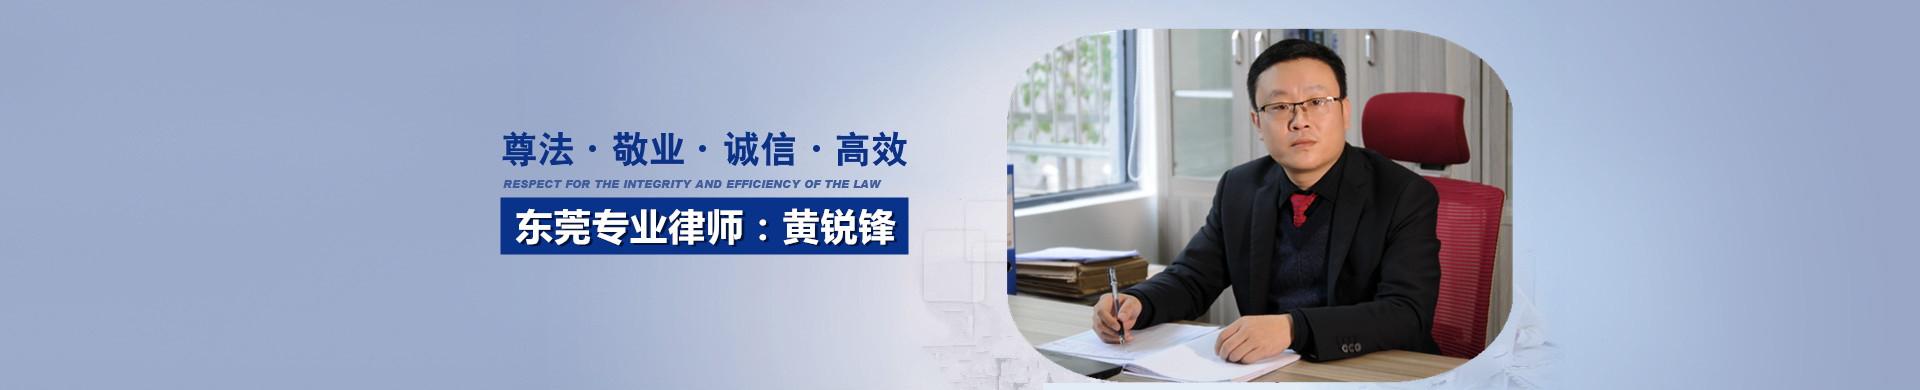 塘厦律师大图二